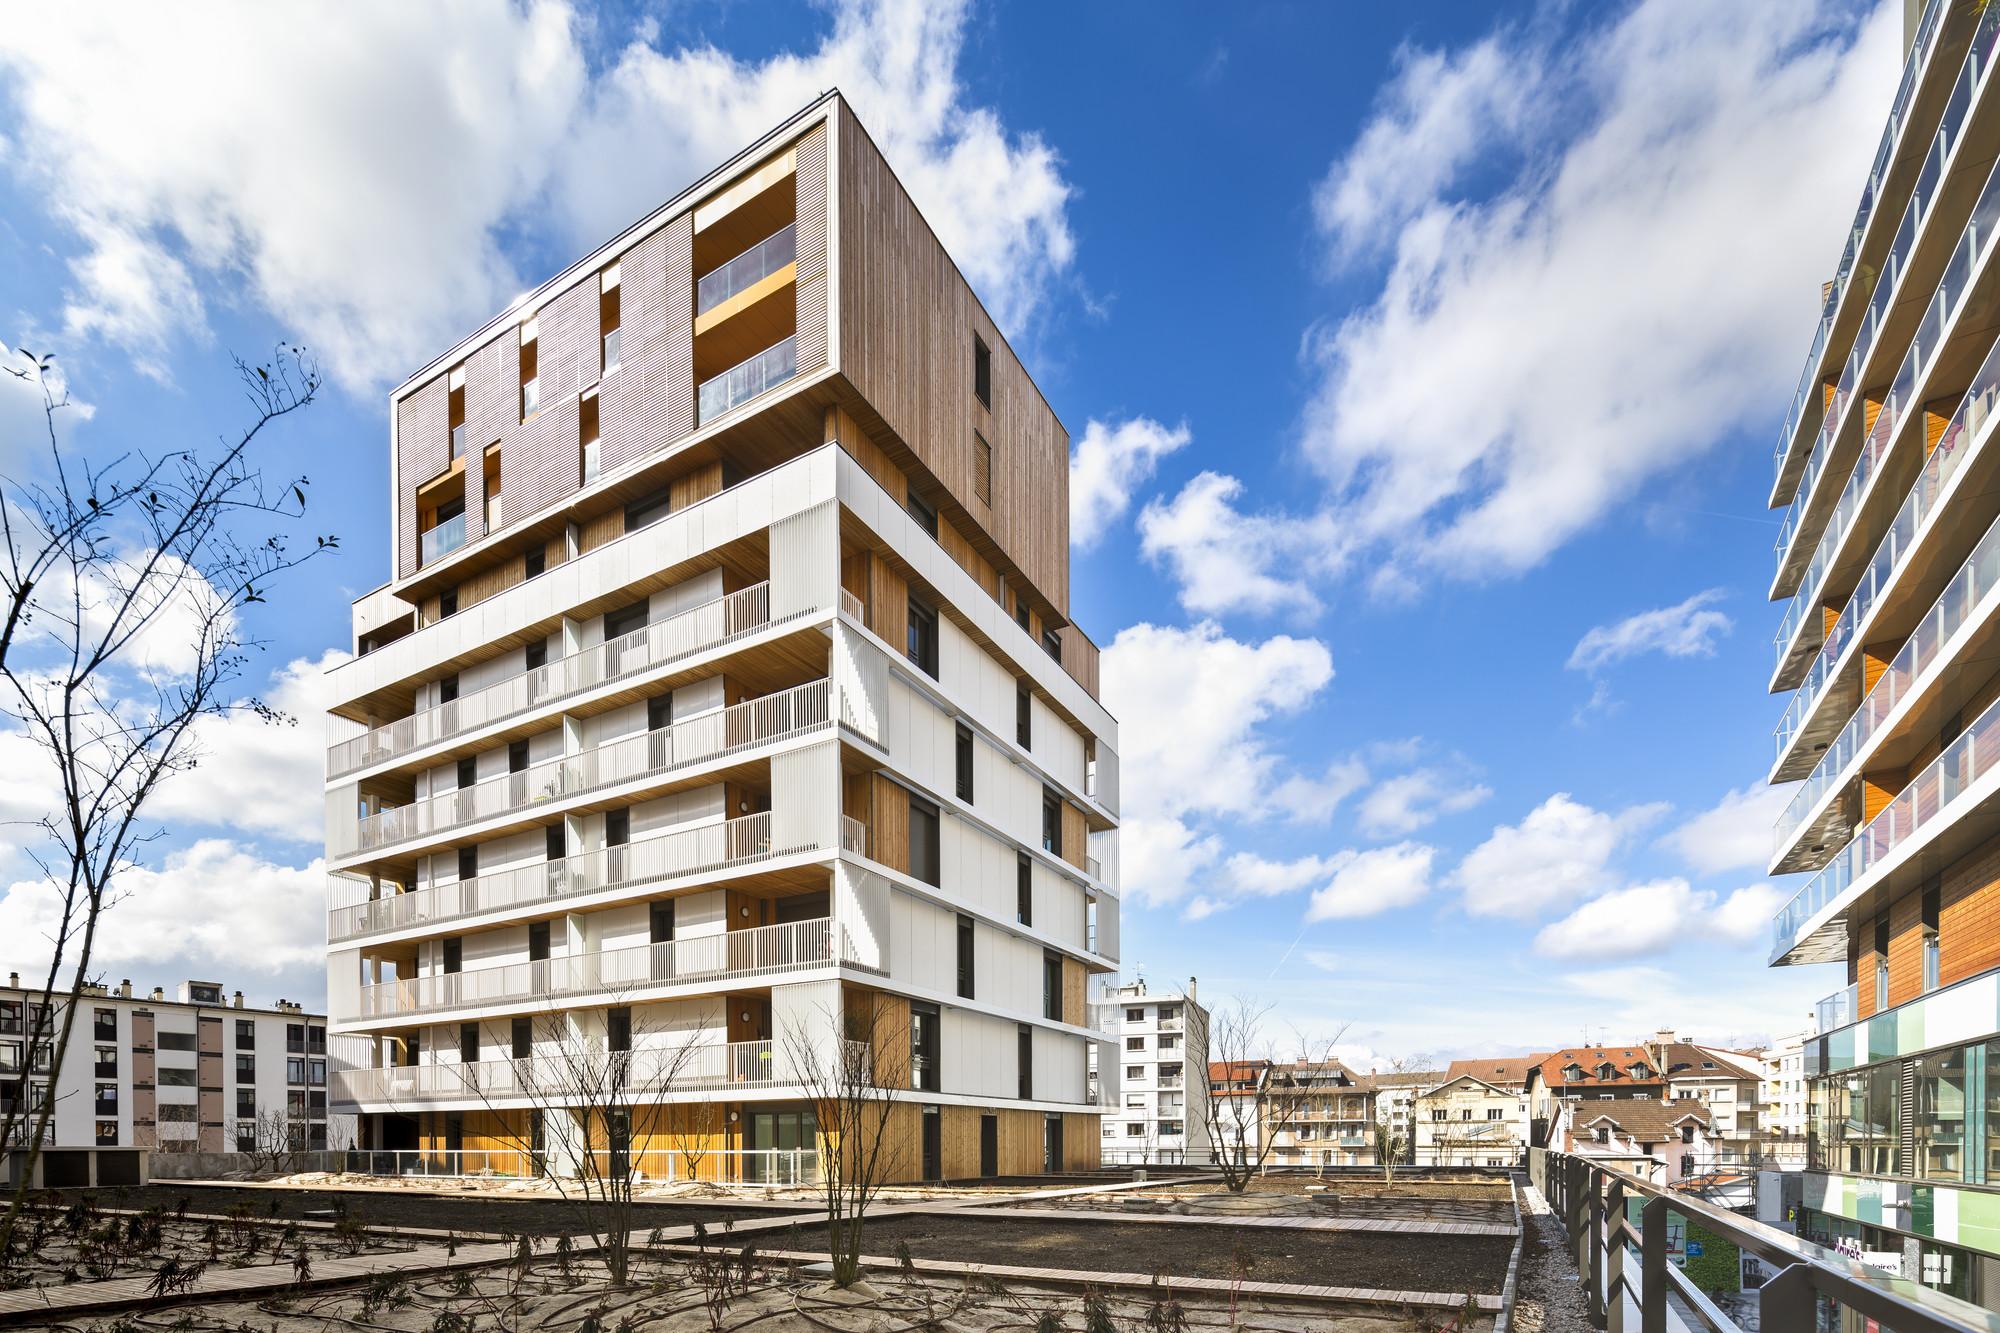 Complejo de Casas y Tiendas / Ameller, Dubois & Associés, © Sergio Grazia